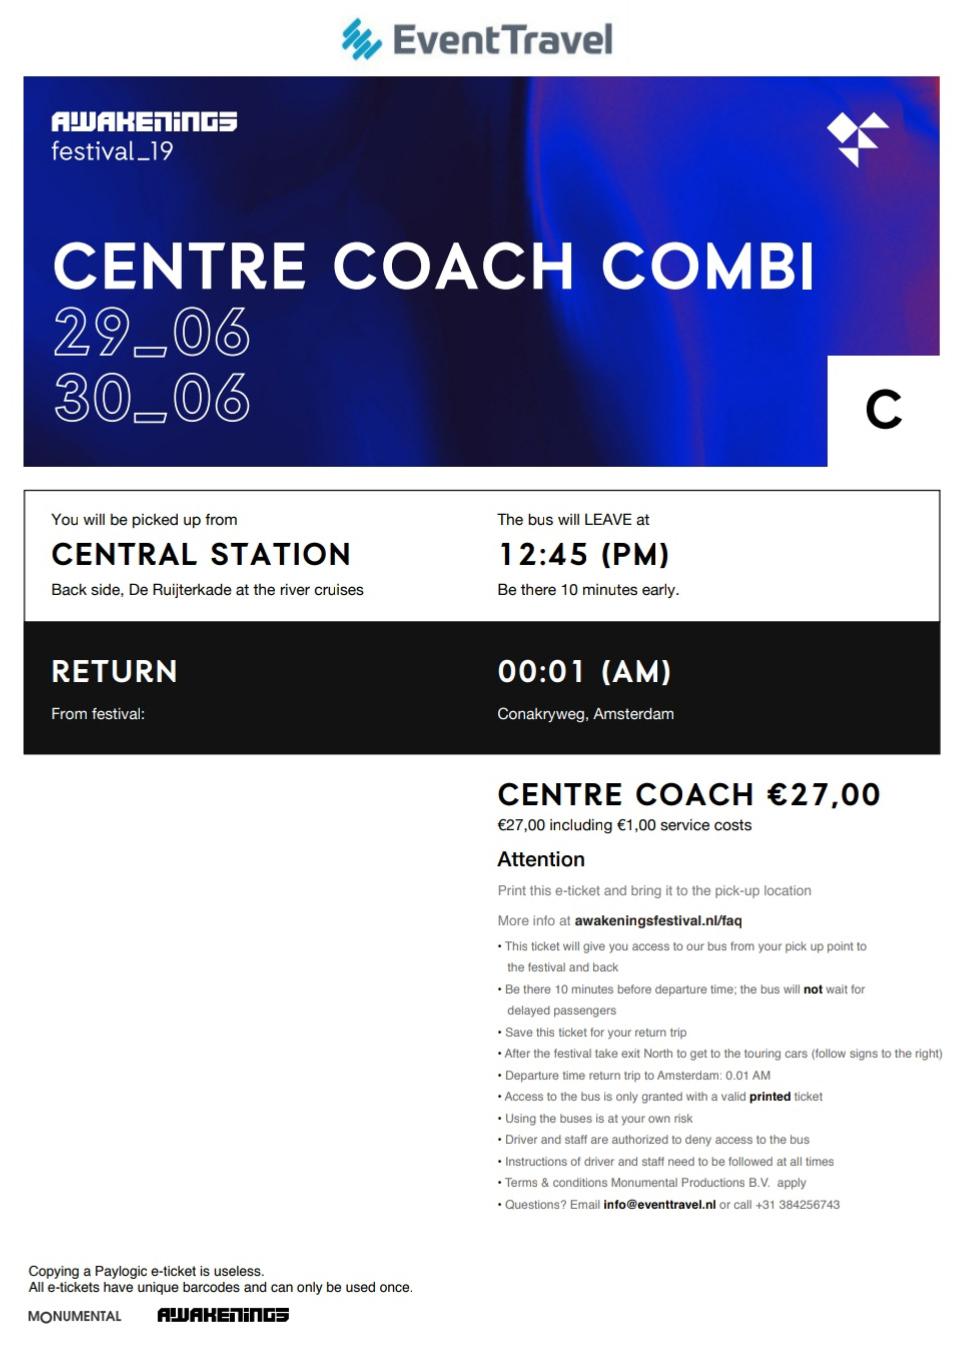 Электронный билет на фестивальный автобус, который отходит от Центрального вокзала Амстердама. Если опоздали на время, указанное в билете, то можно спокойно уехать на следующем автобусе